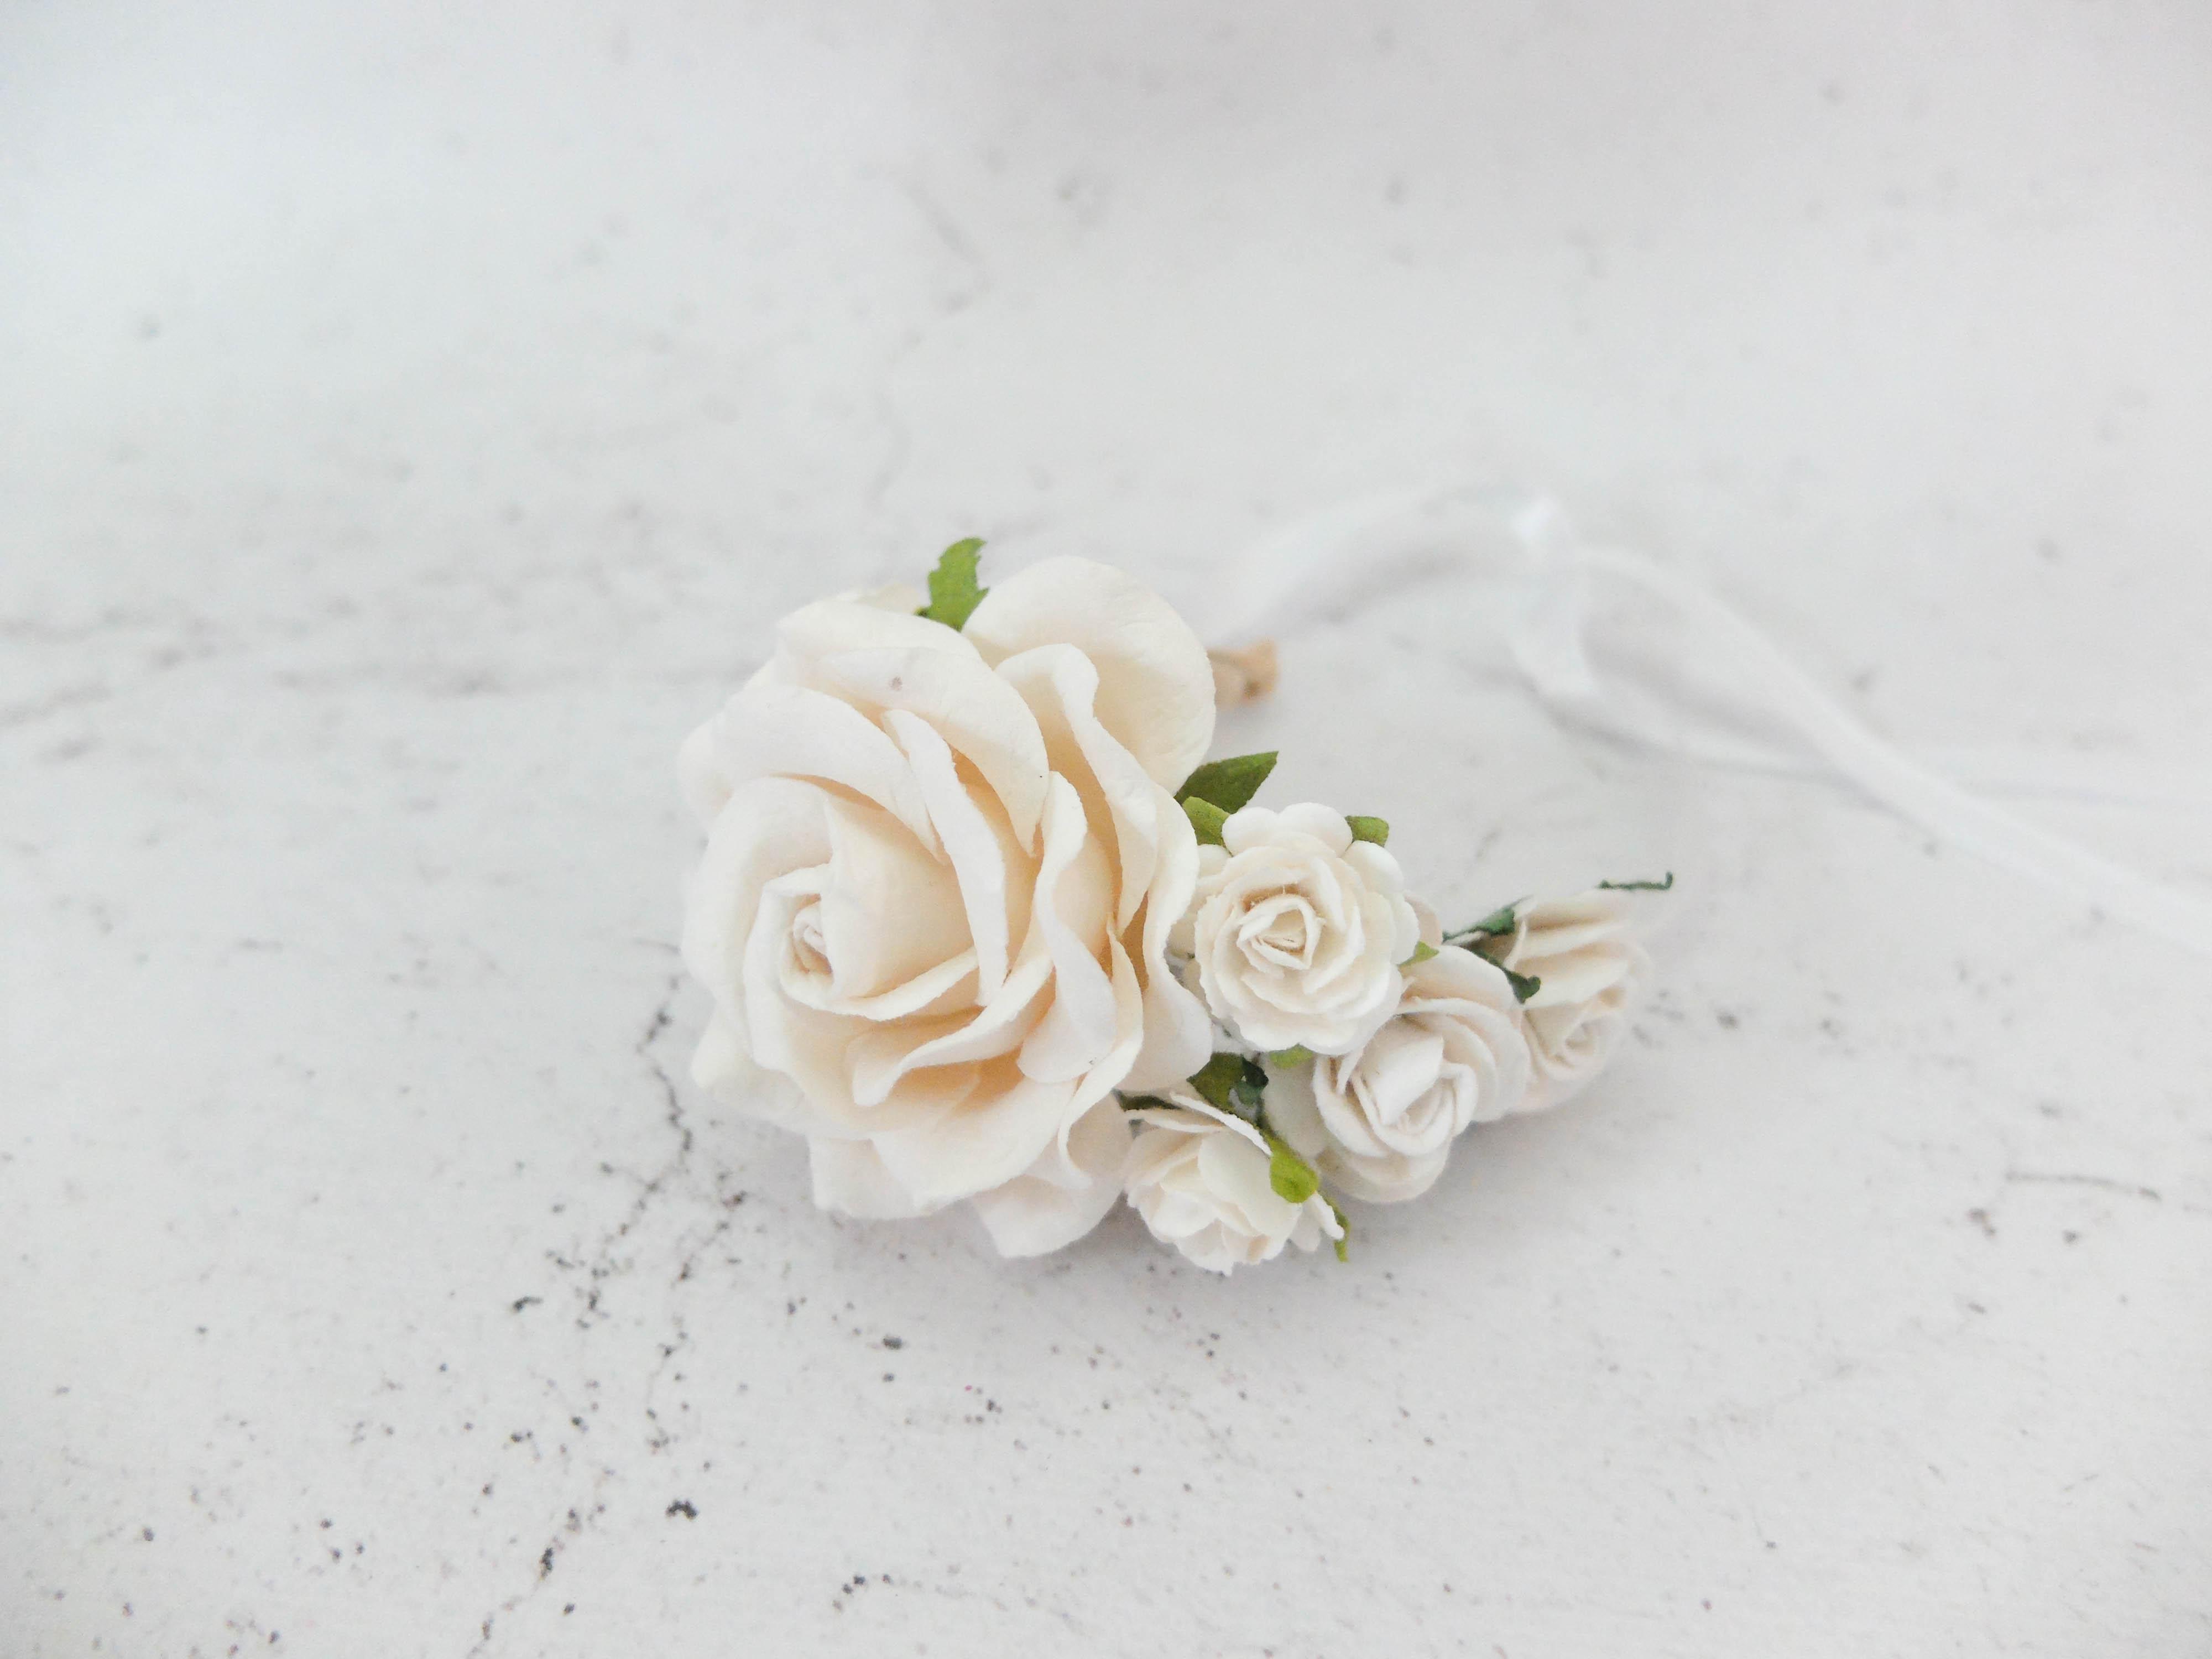 Wedding flower wrist corsage soft white bridal floral bracelet wedding flower junglespirit Gallery